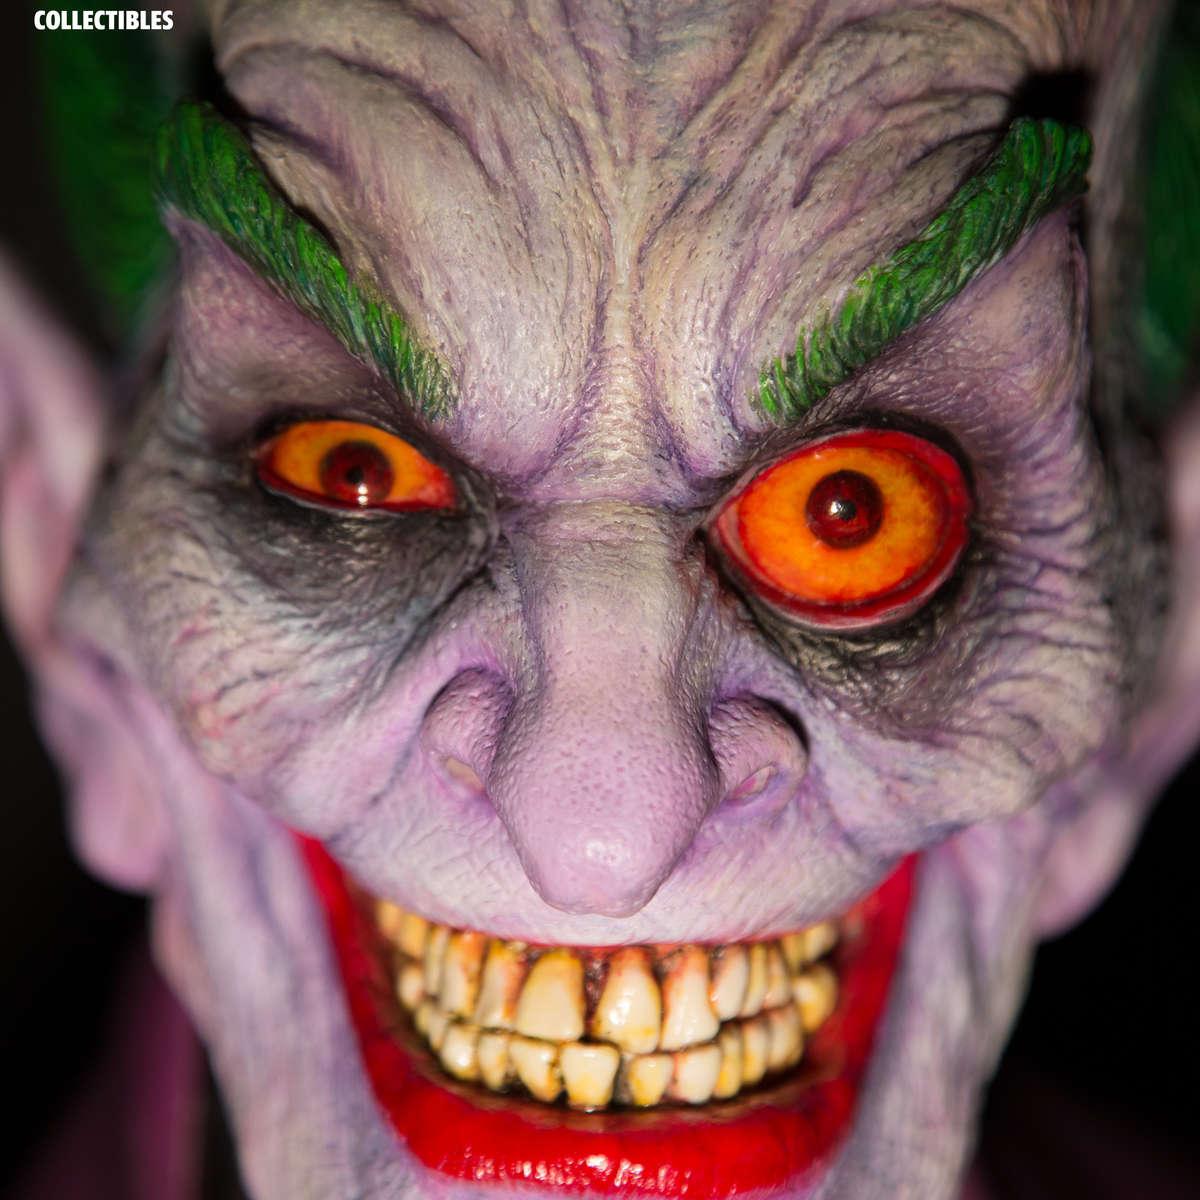 joker bust closeup